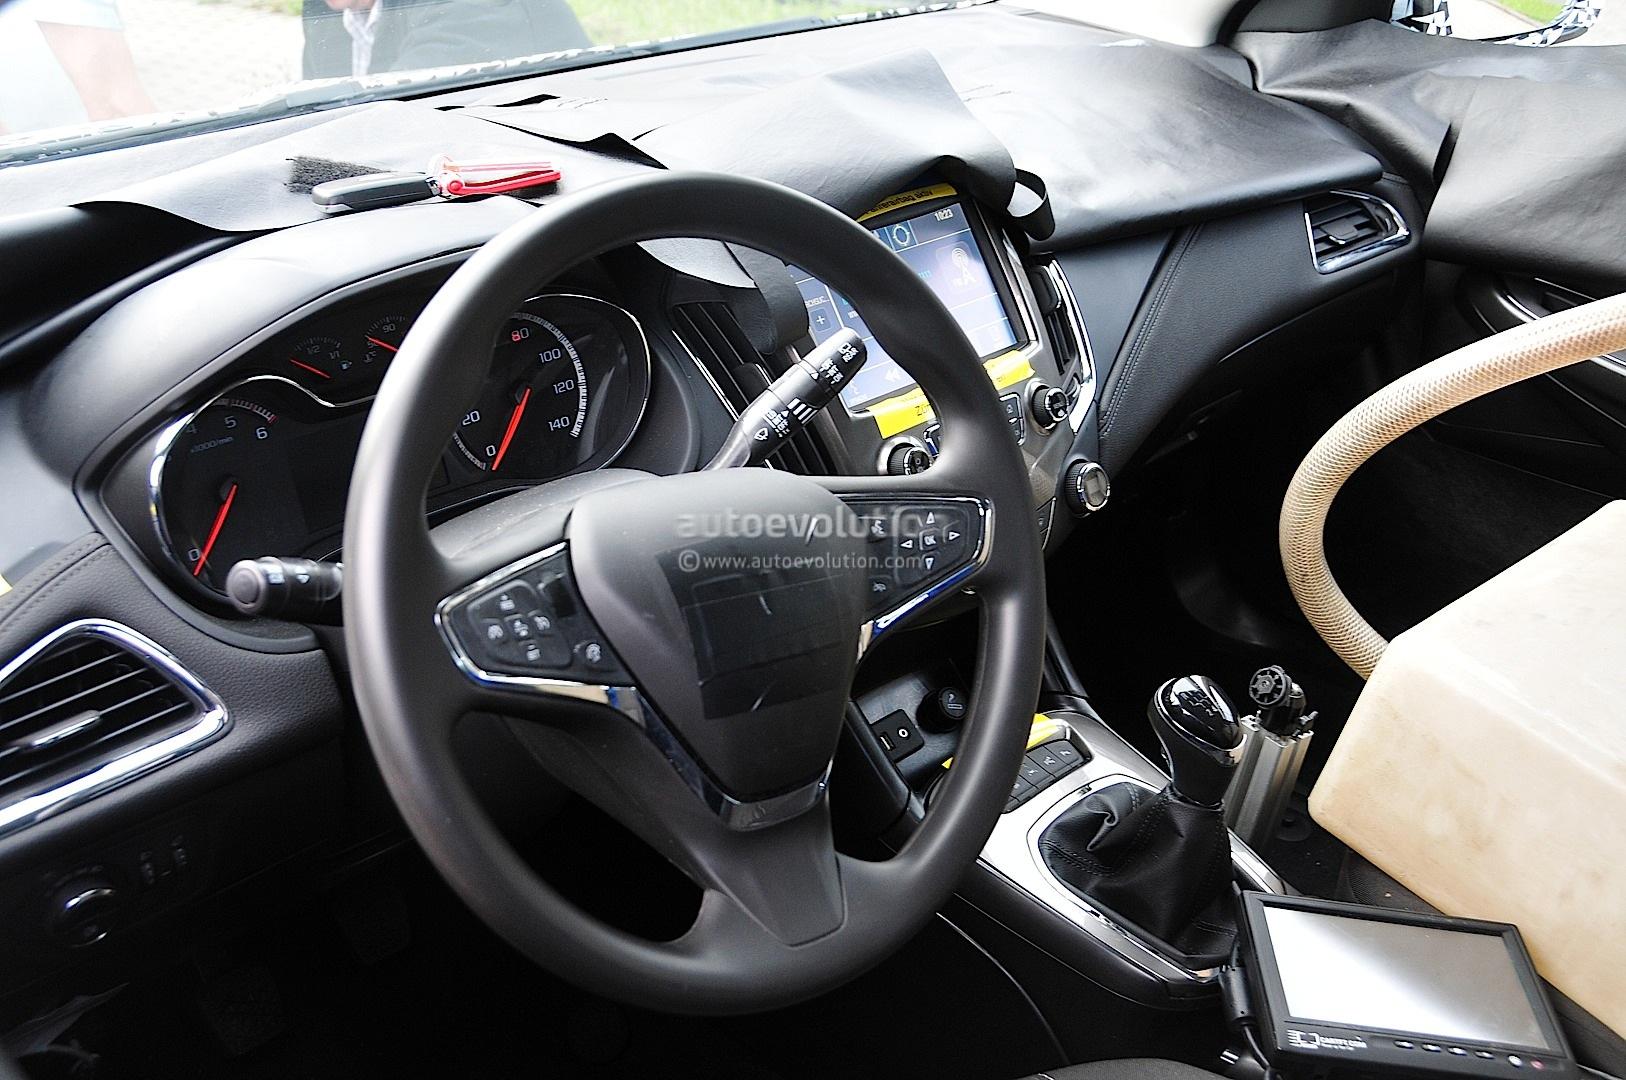 Spyshots: 2016 Chevrolet Cruze Interior Revealed ...